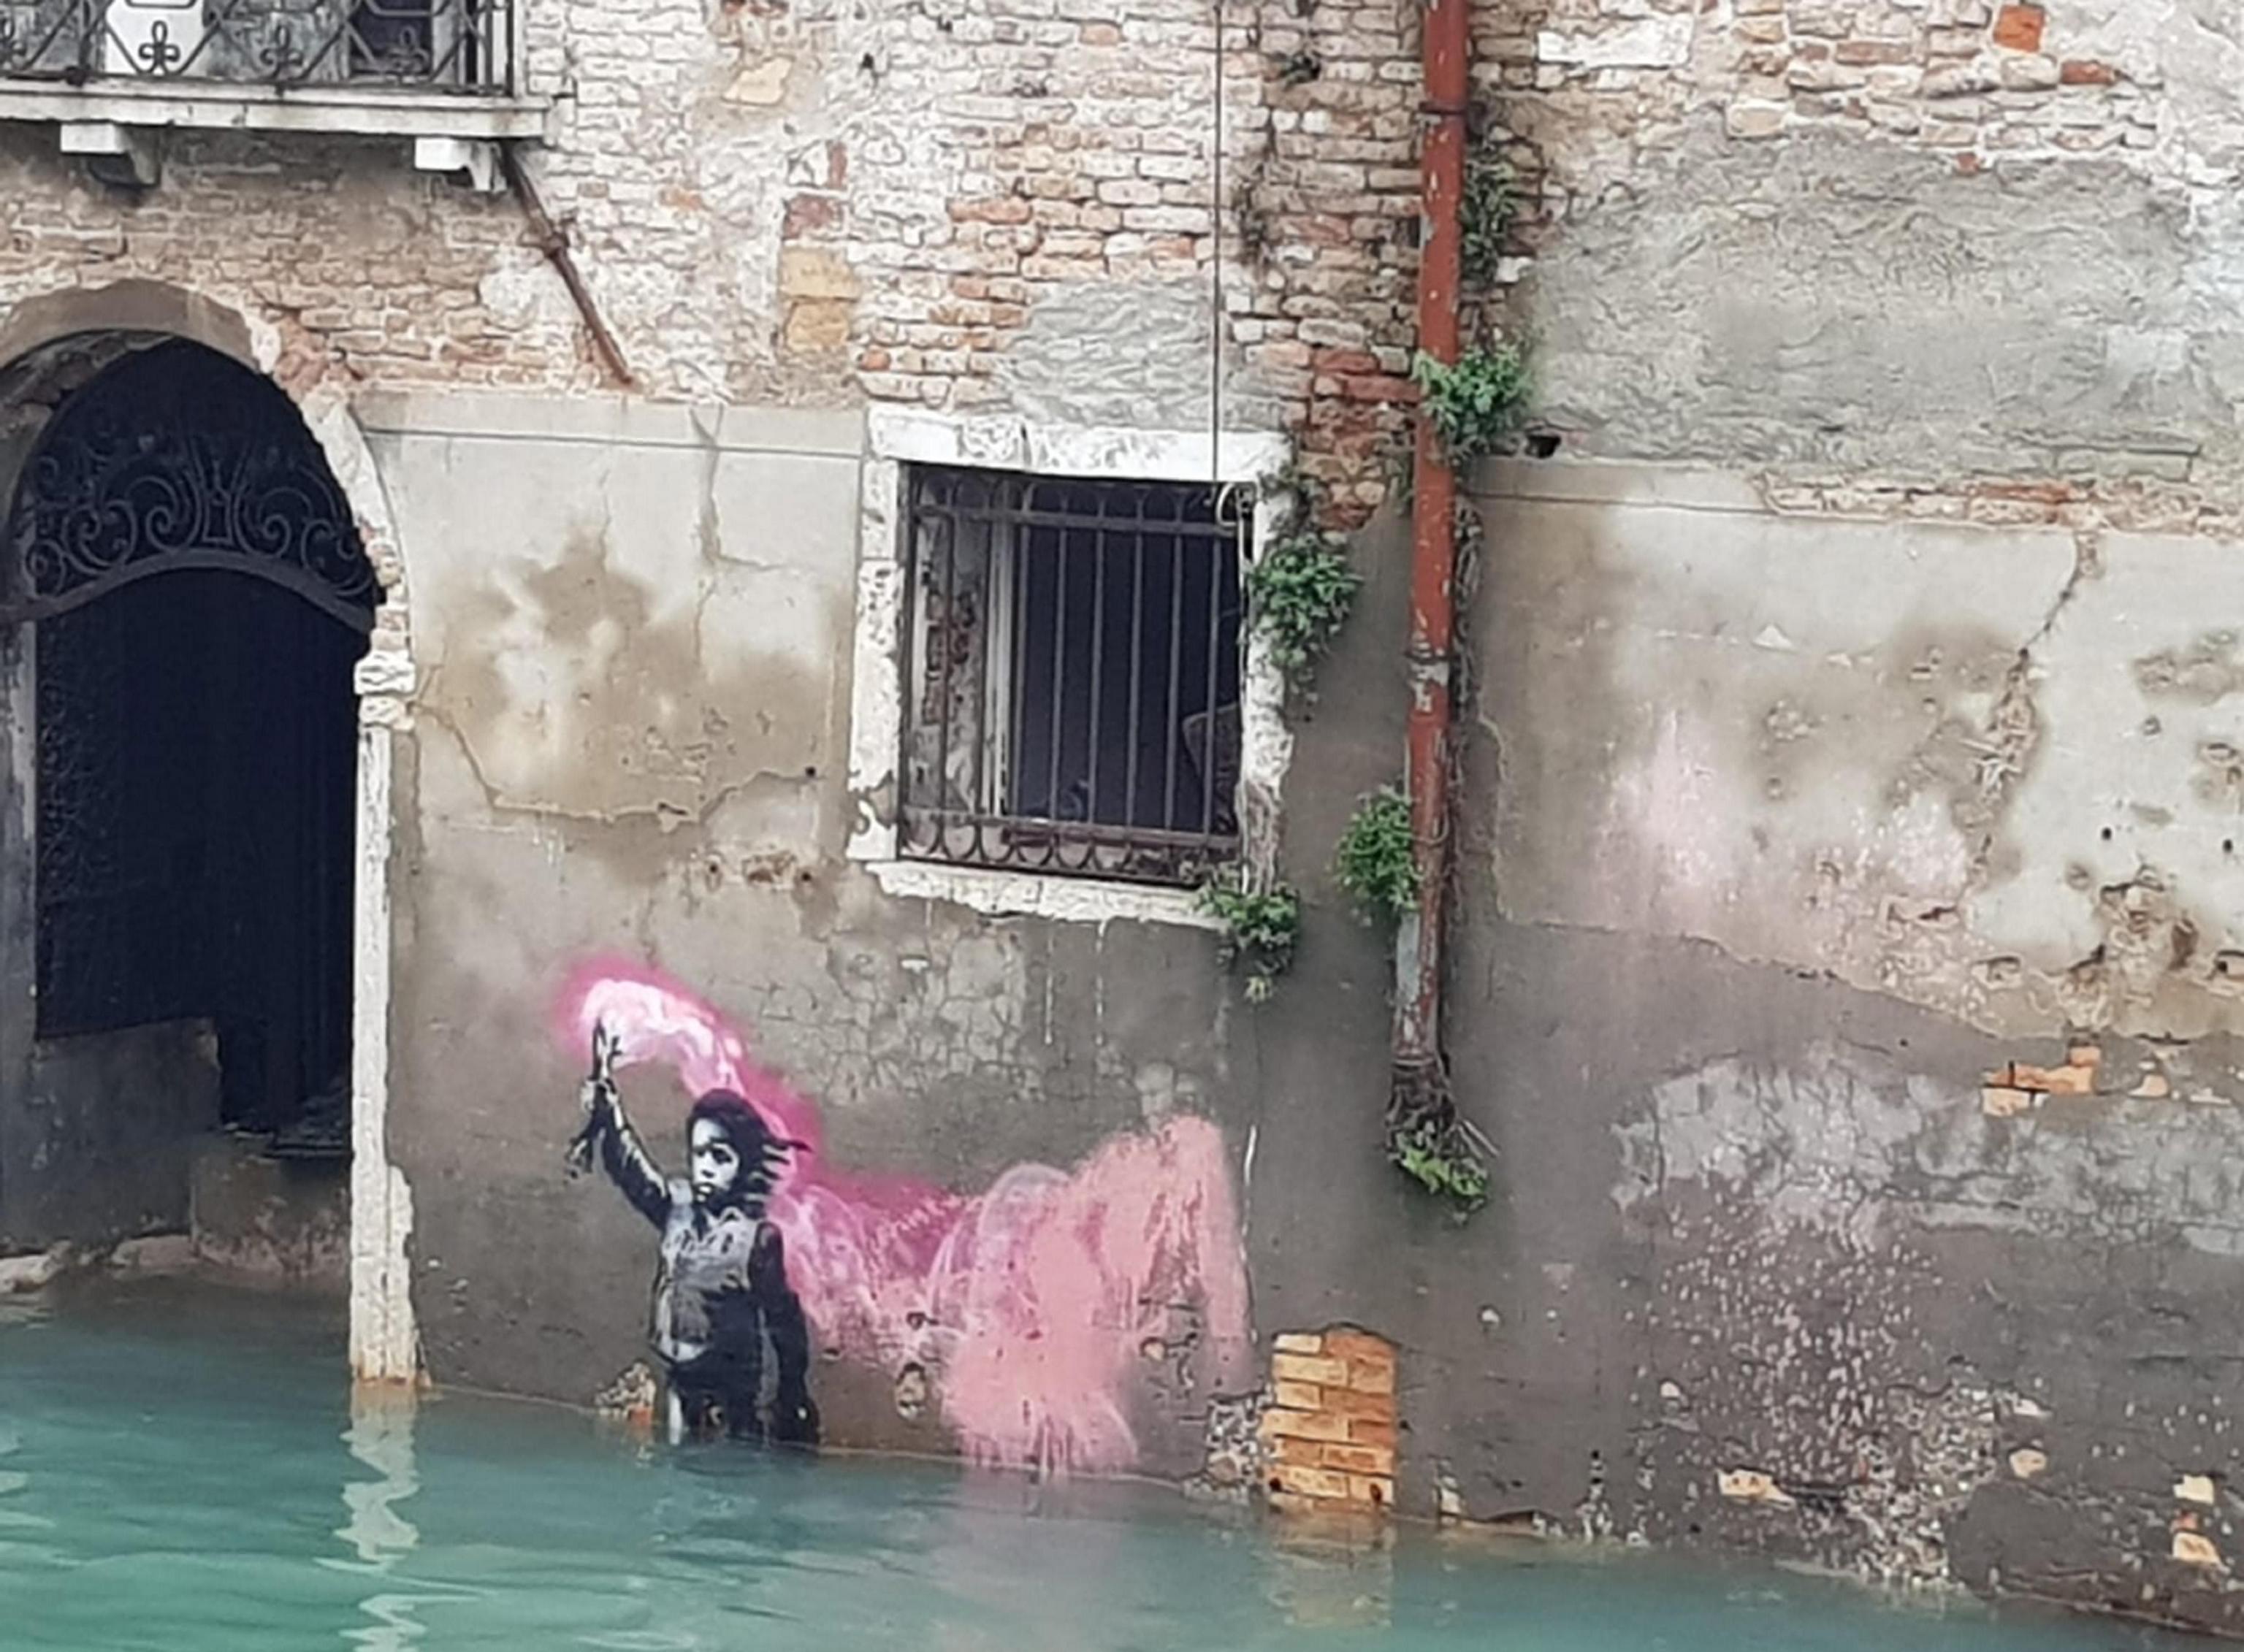 flooding-in--2 Σε κατάσταση καταστροφής η Βενετία - Η δεύτερη μεγαλύτερη πλημμύρα στην ιστορία της (φωτογραφίες)